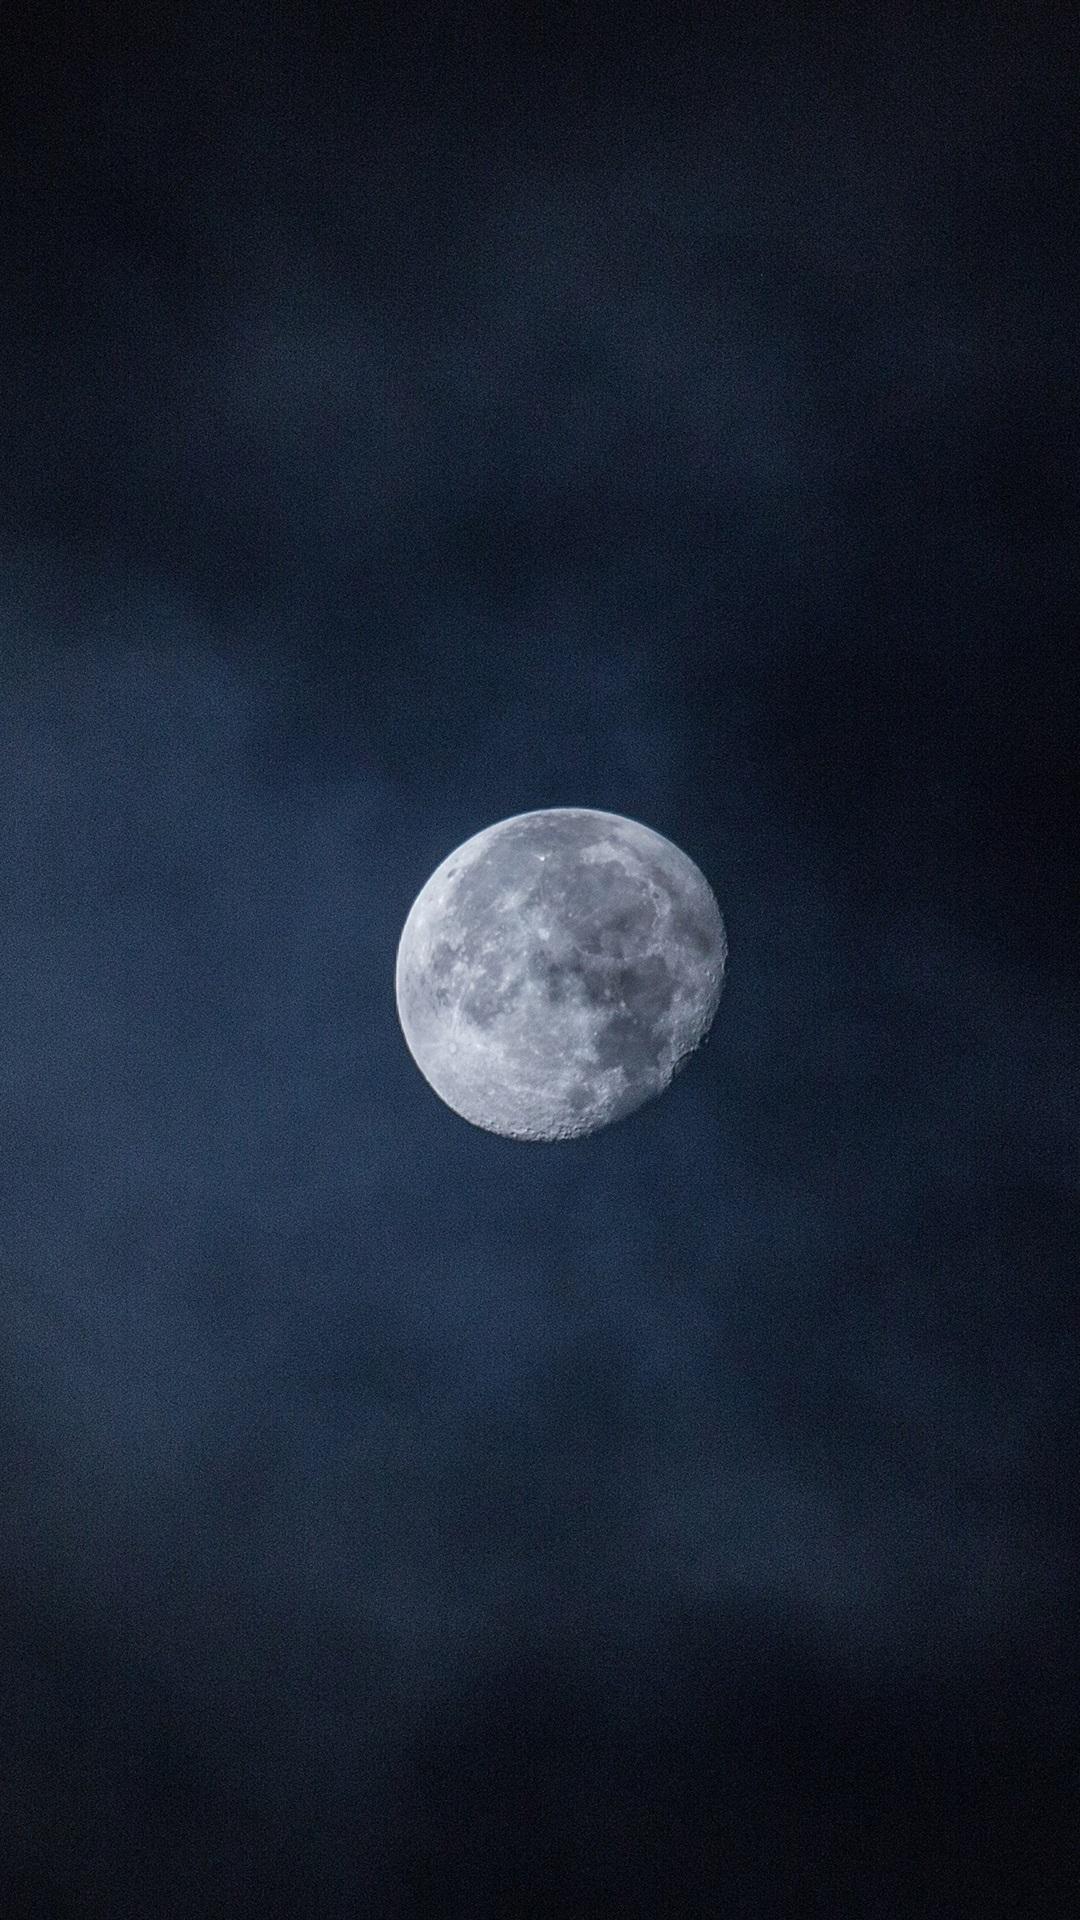 Moon In The Sky Night 1080x1920 Iphone 8 7 6 6s Plus